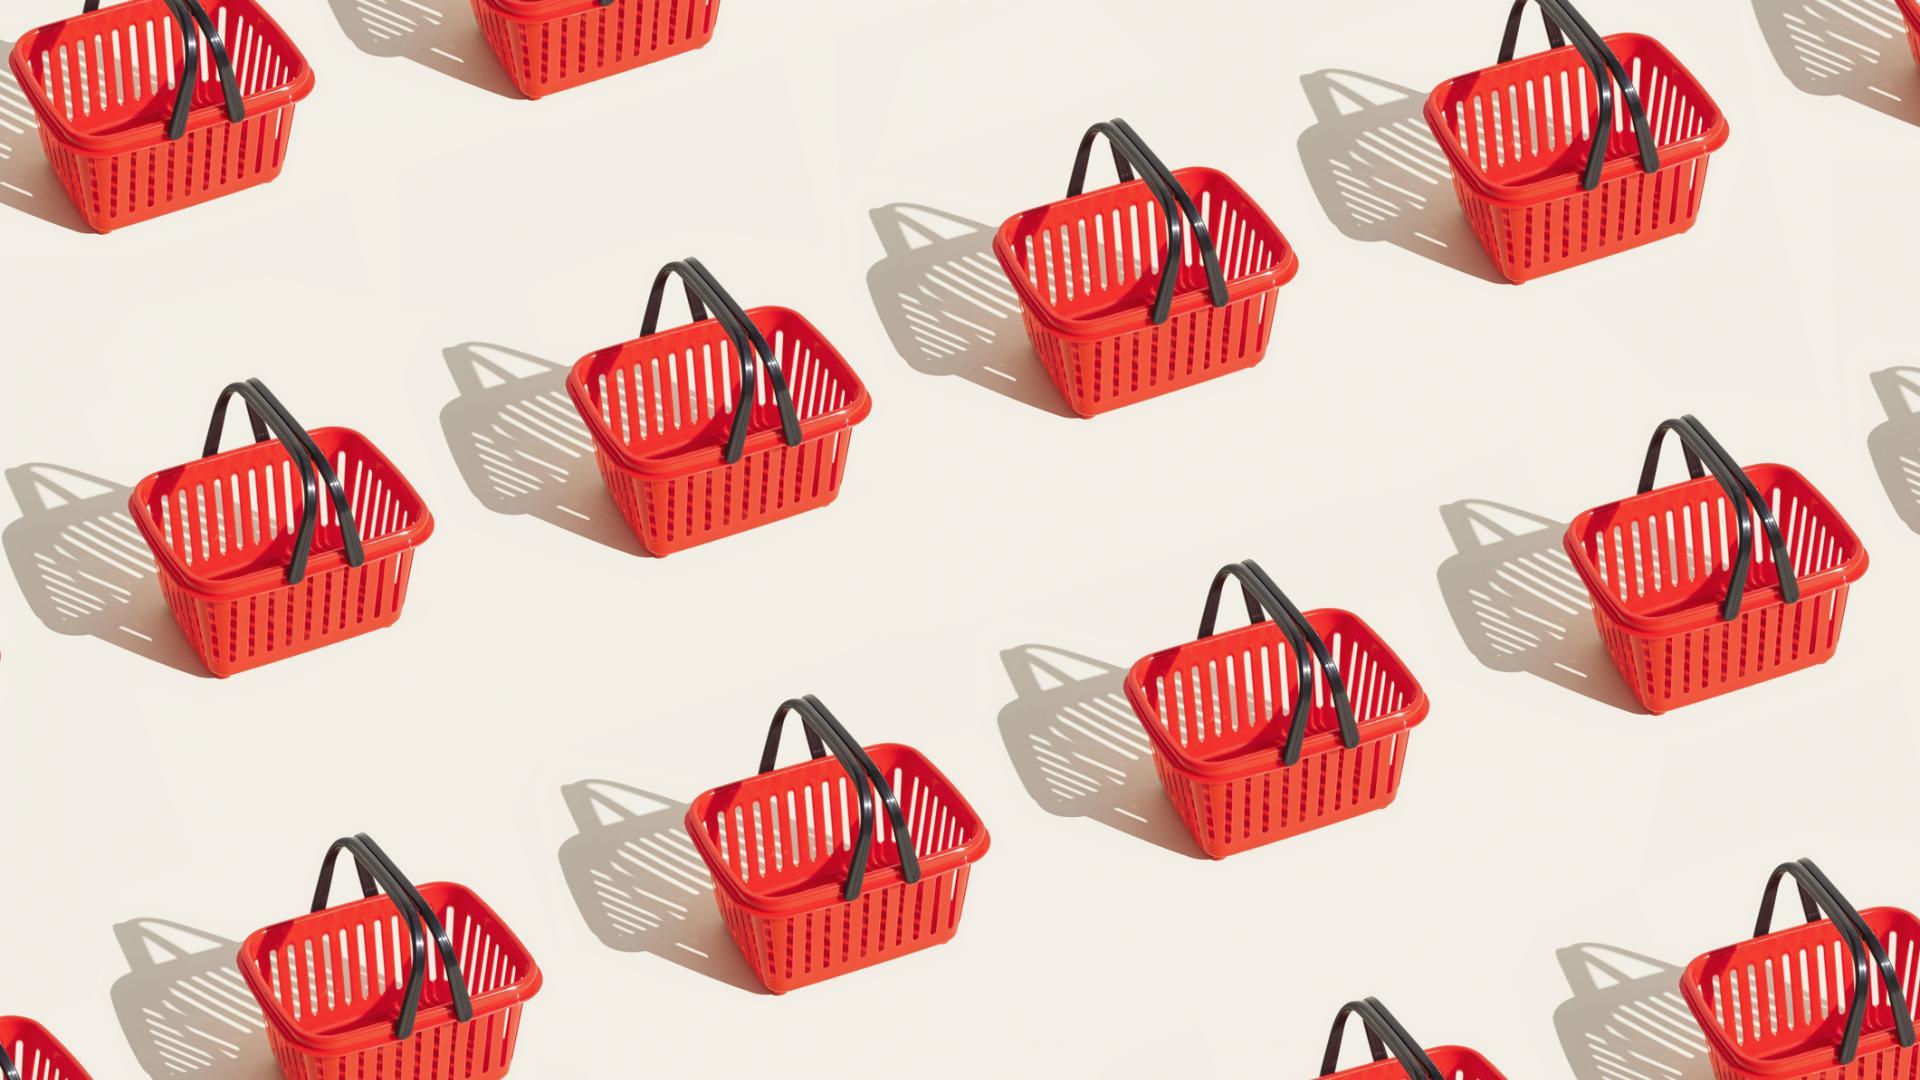 einkaufen einkaufskorb shopping